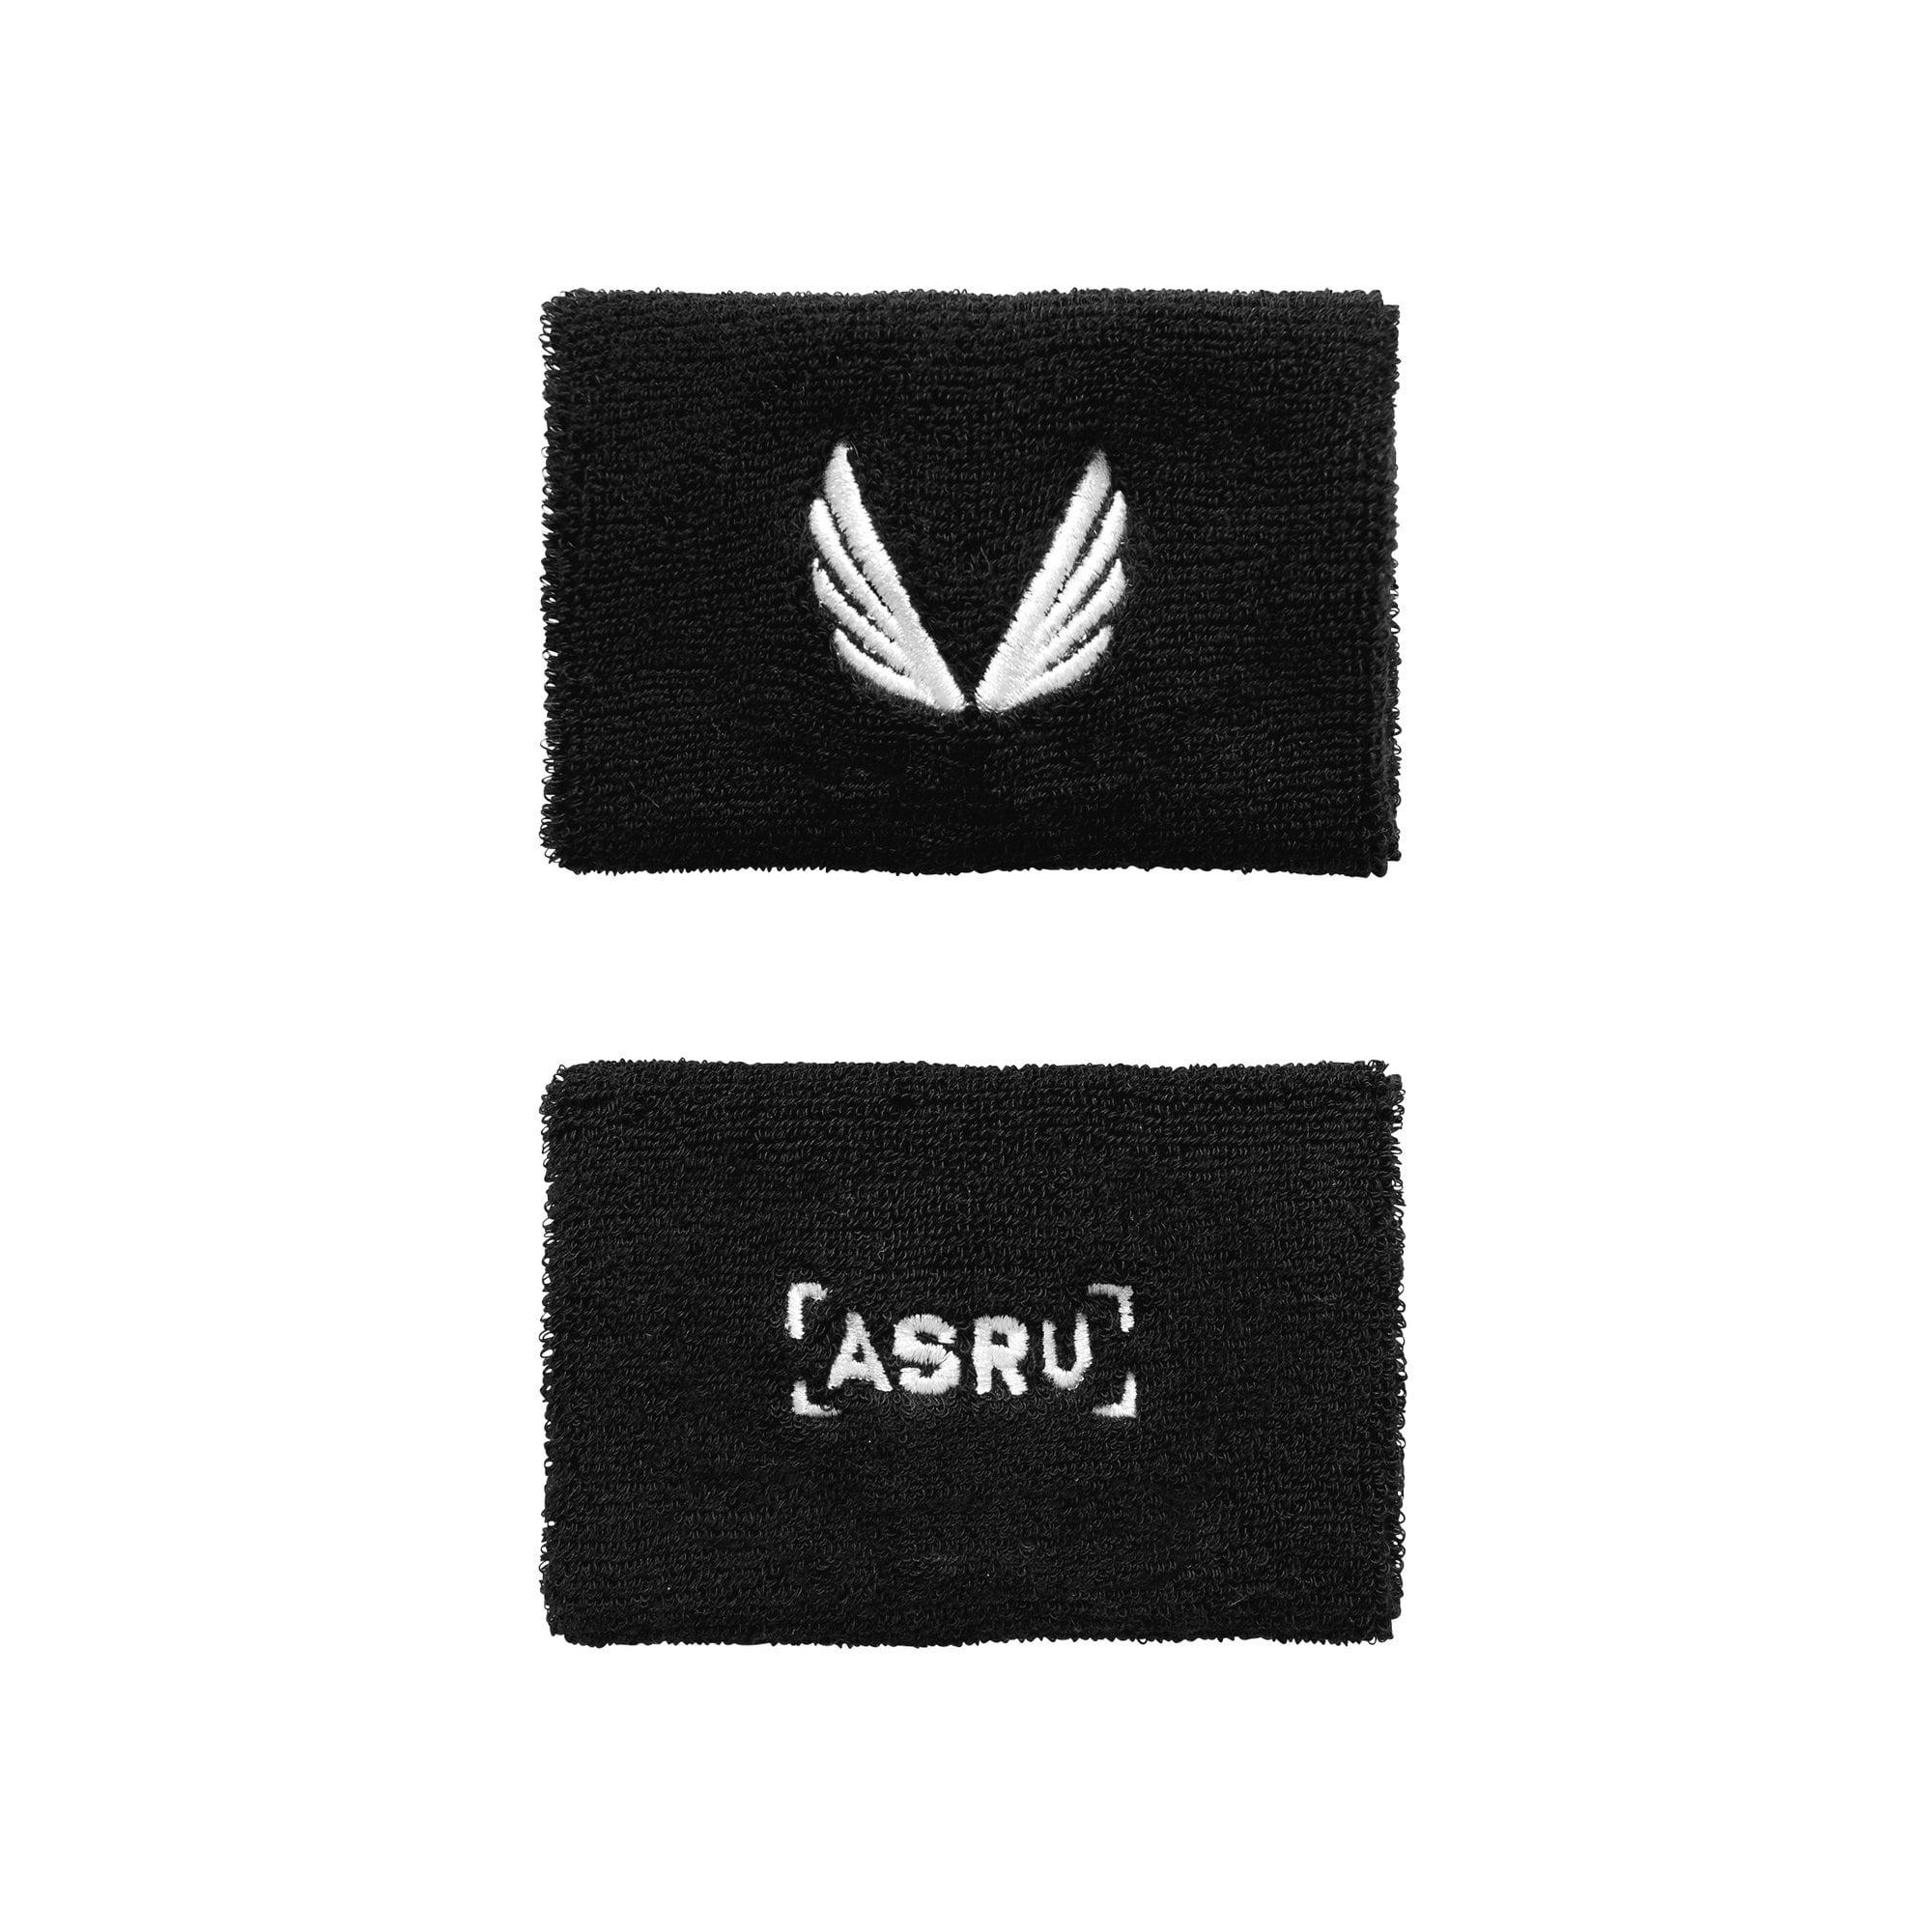 【ASRV】パフォーマンスリストバンド - Black